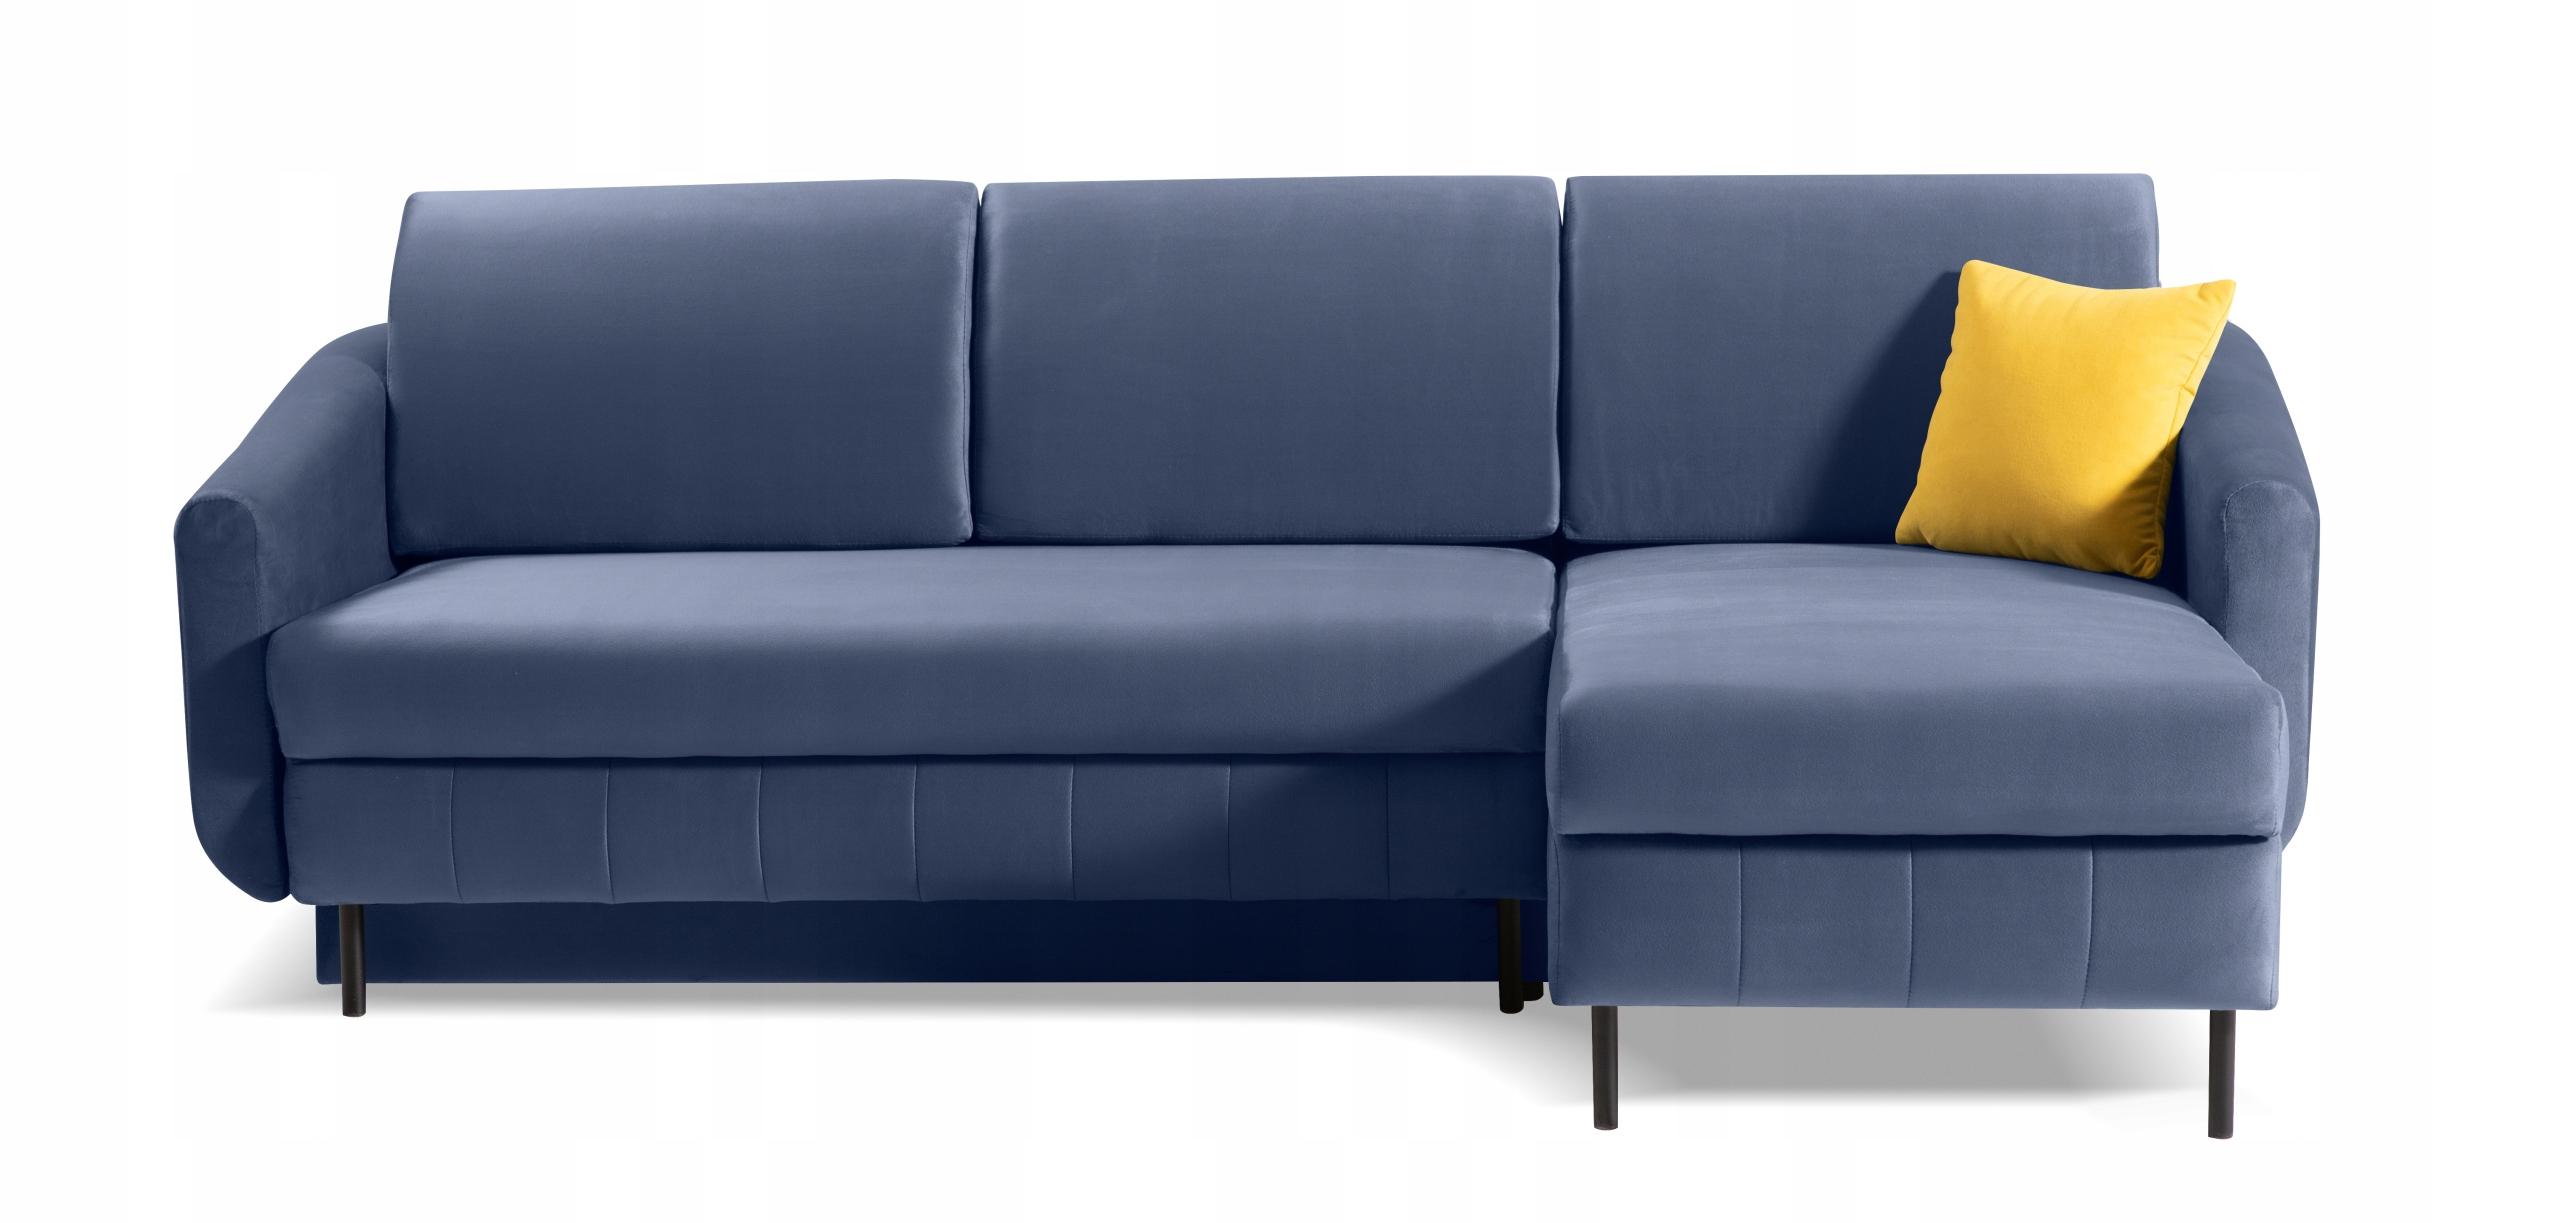 RINGO NEU bequemes Ecksofa Wohnzimmerfarbe Die Breite der Möbel beträgt 245 cm